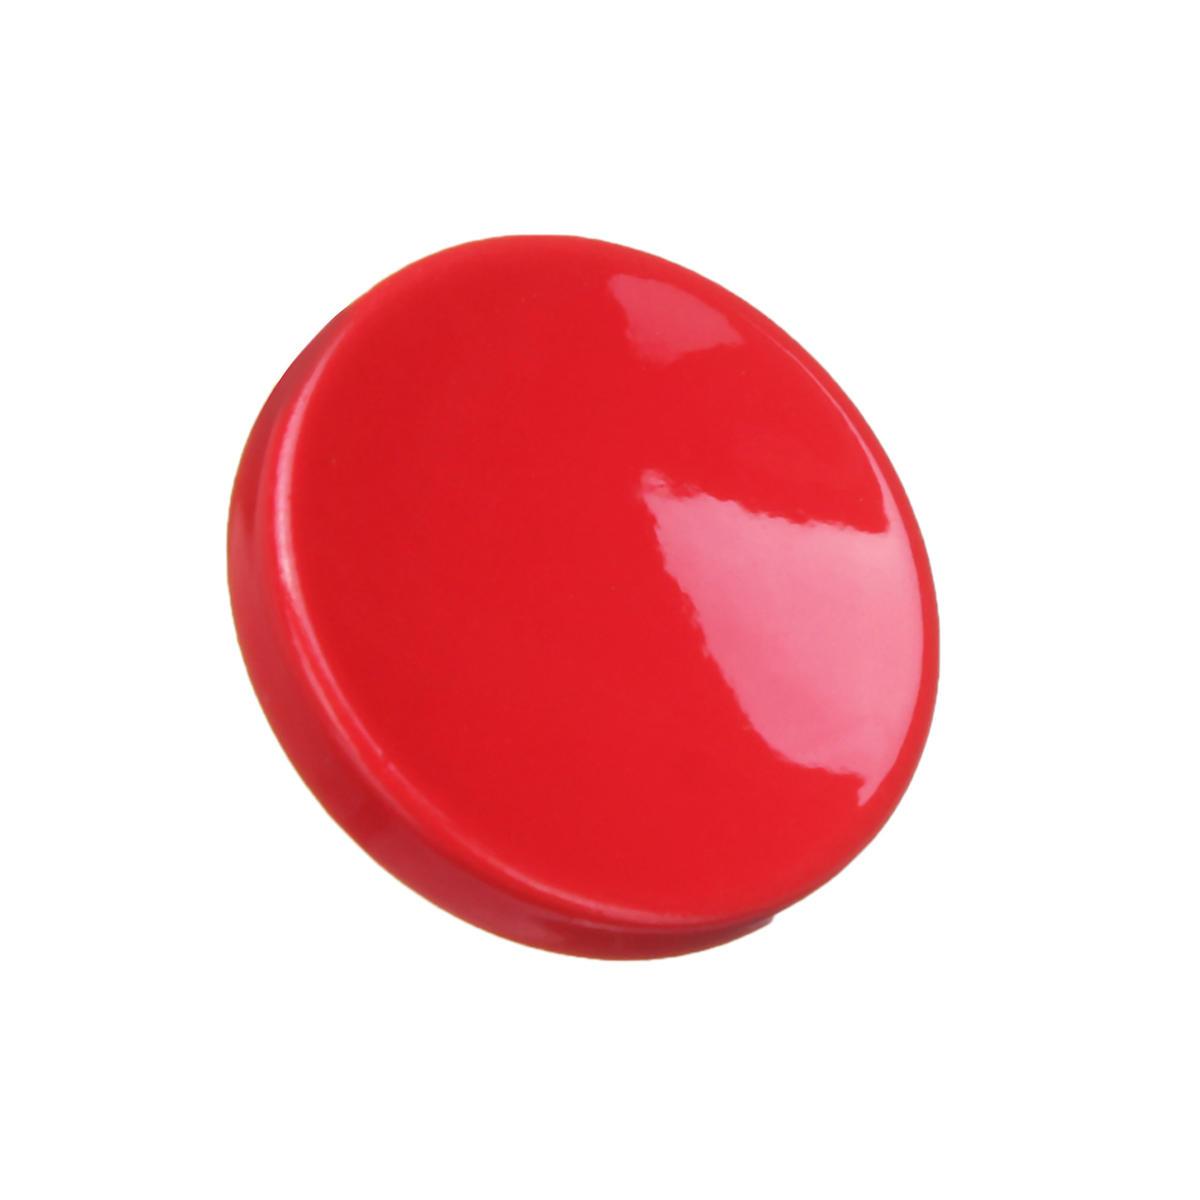 Botón de liberación de obturador de aluminio rojo para Fuji XT2 X20 X100 Botones